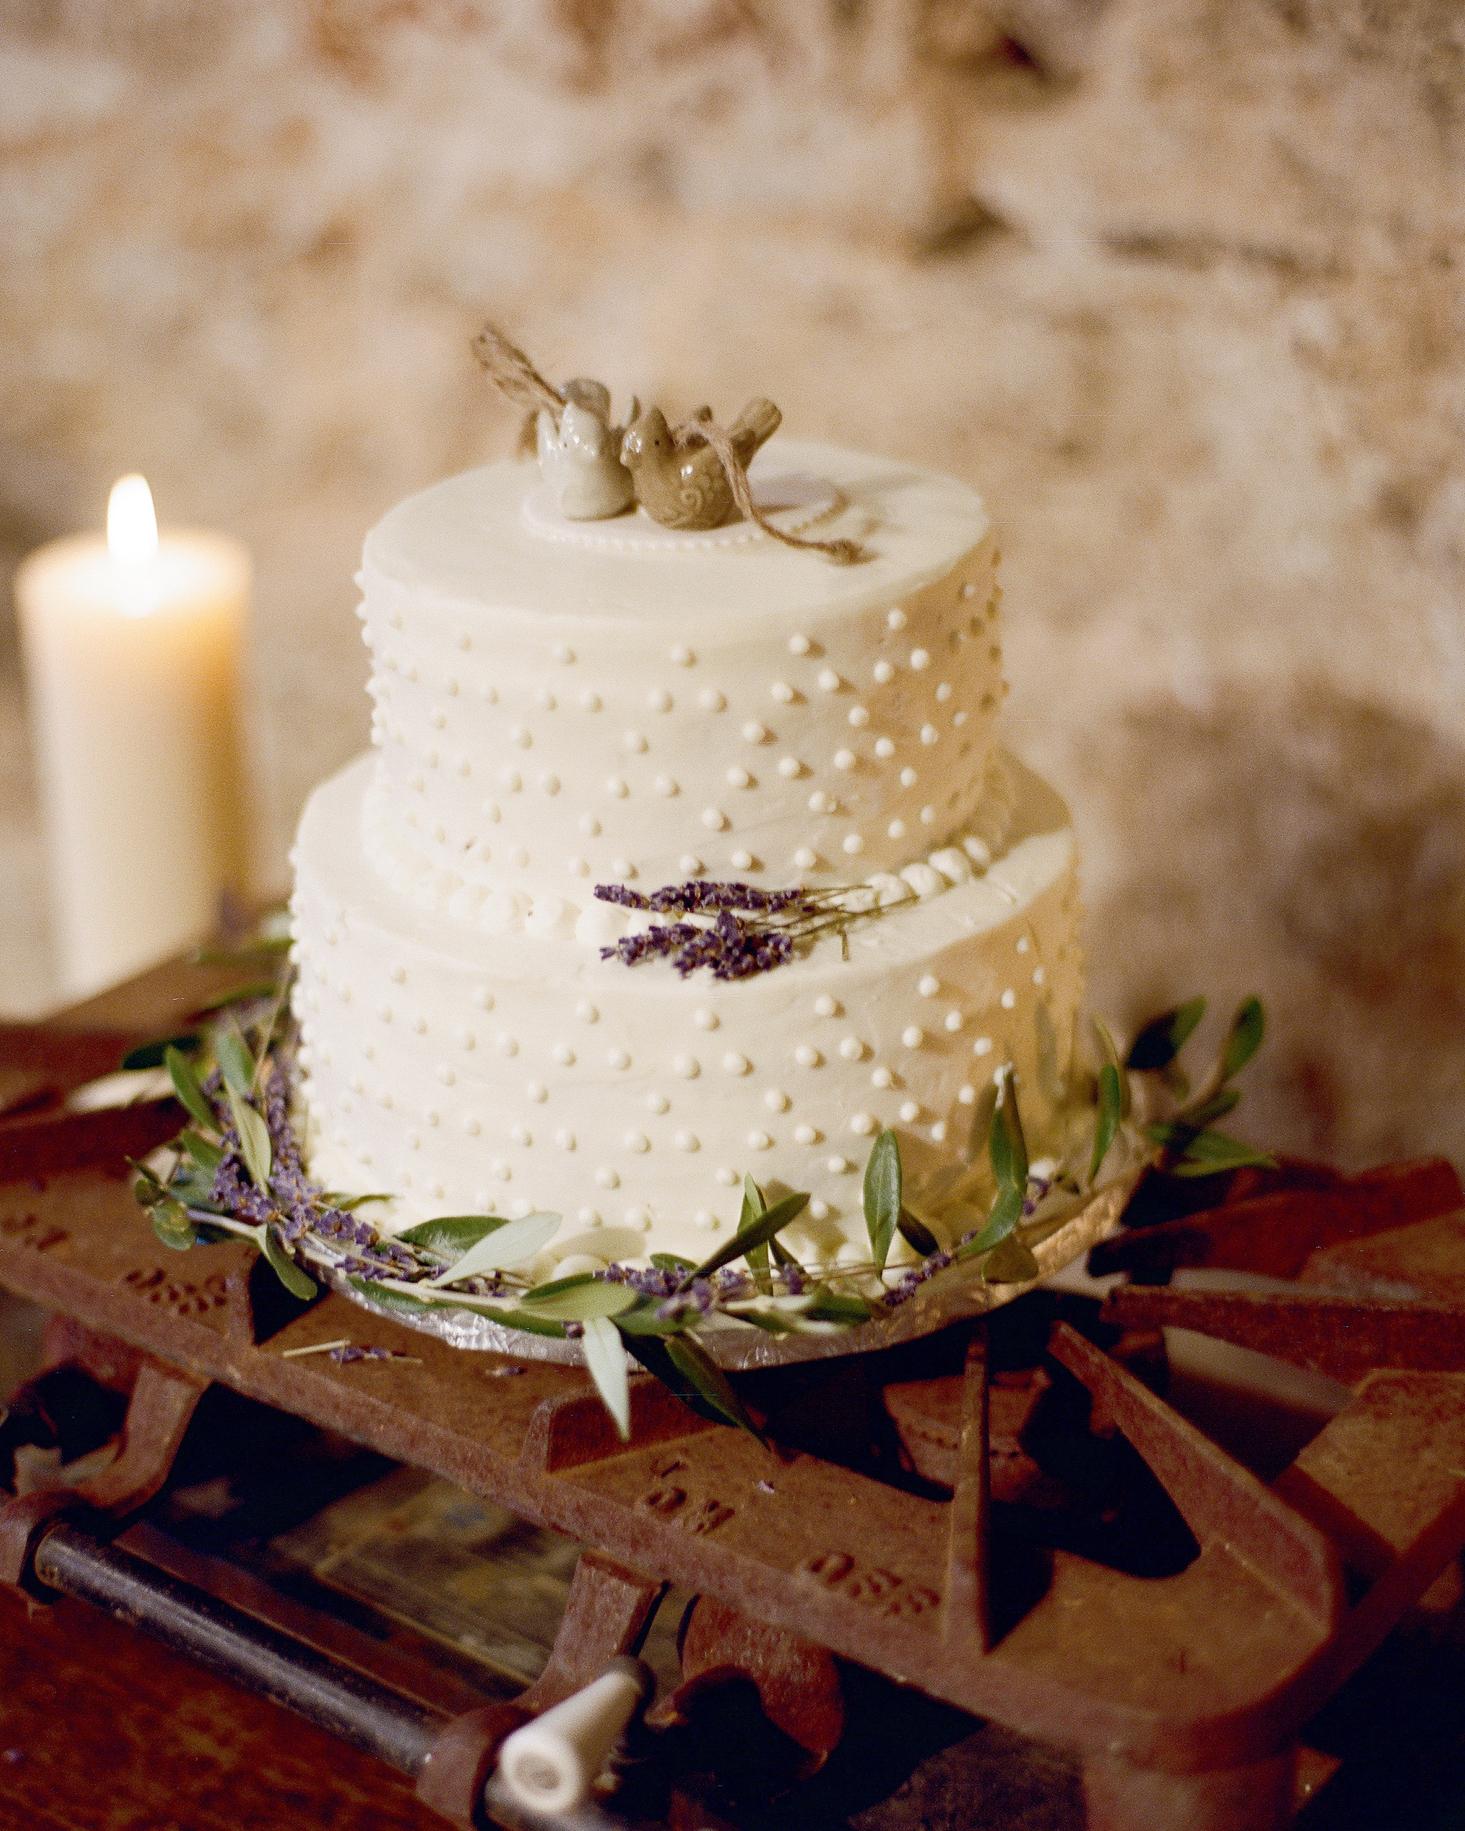 30 Rustic Wedding Cakes We're Loving